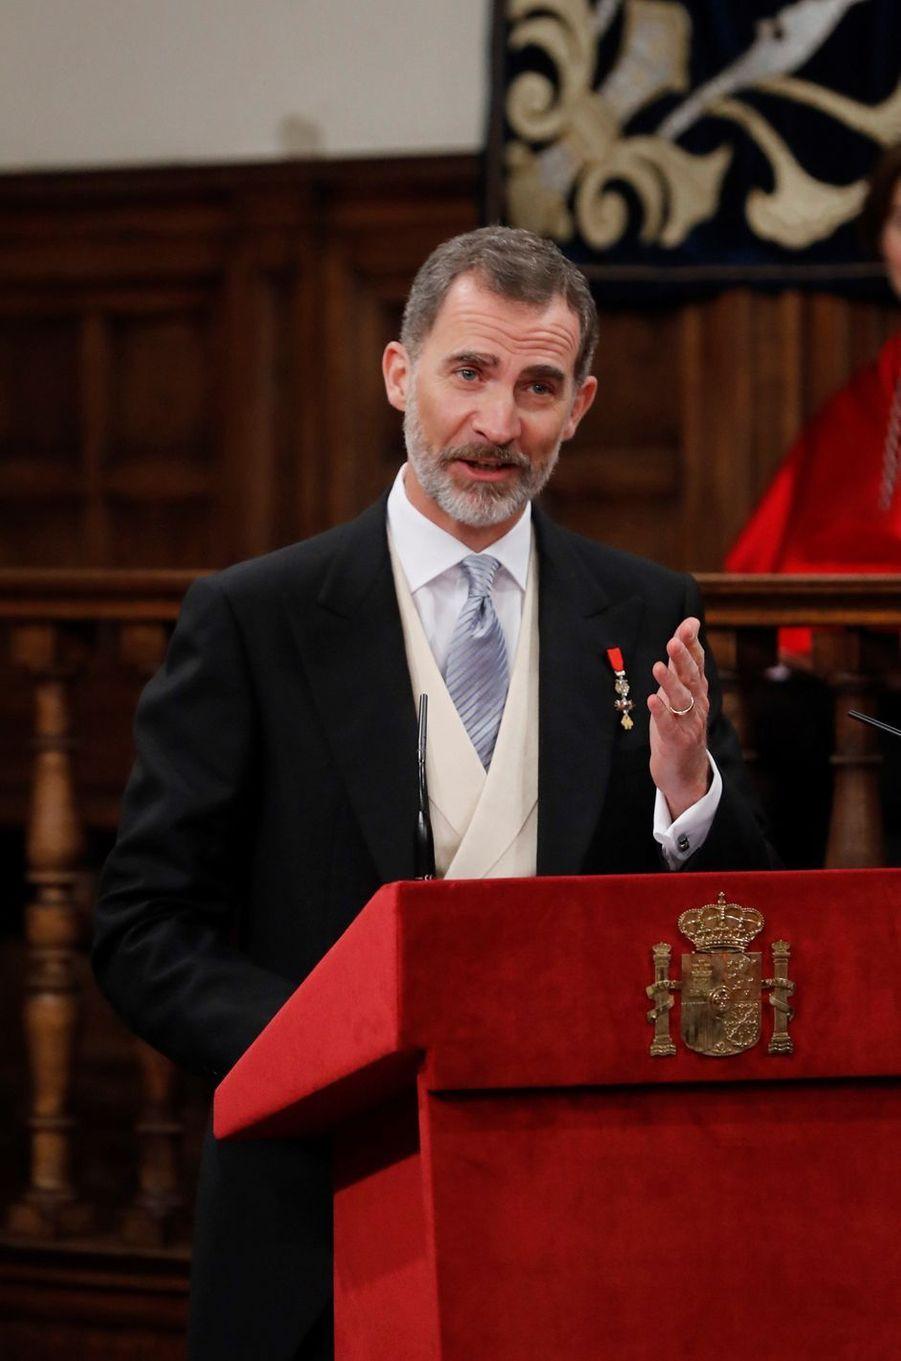 Le roi Felipe VI d'Espagne à Alcala de Henares, le 23 avril 2018